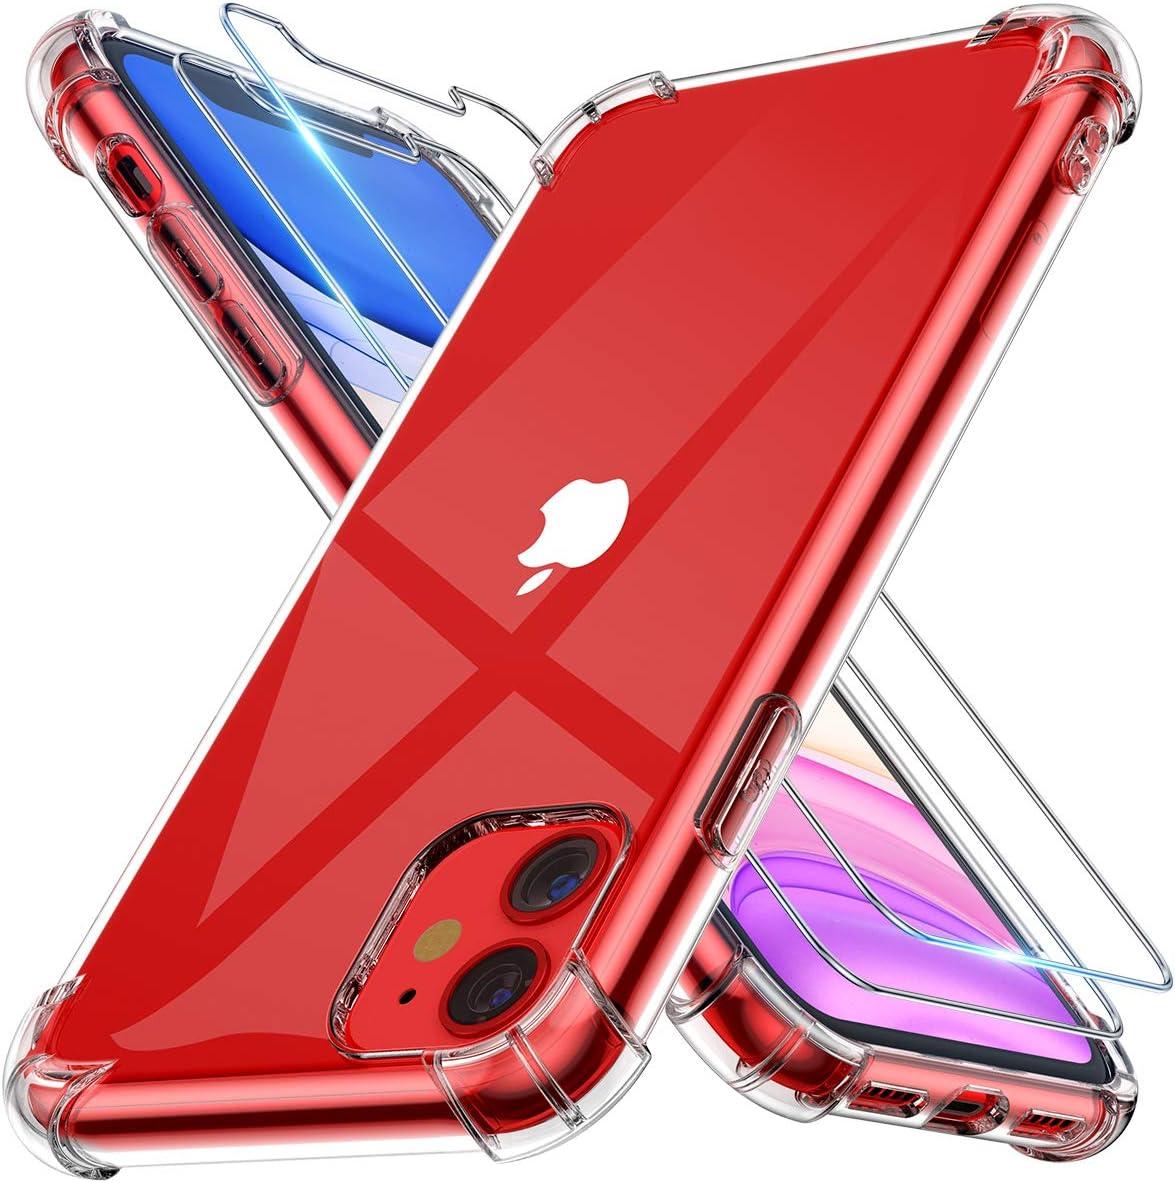 Alexcase Iphone 11 Hülle Hülle Für Iphone 11 Silikon 2 Elektronik